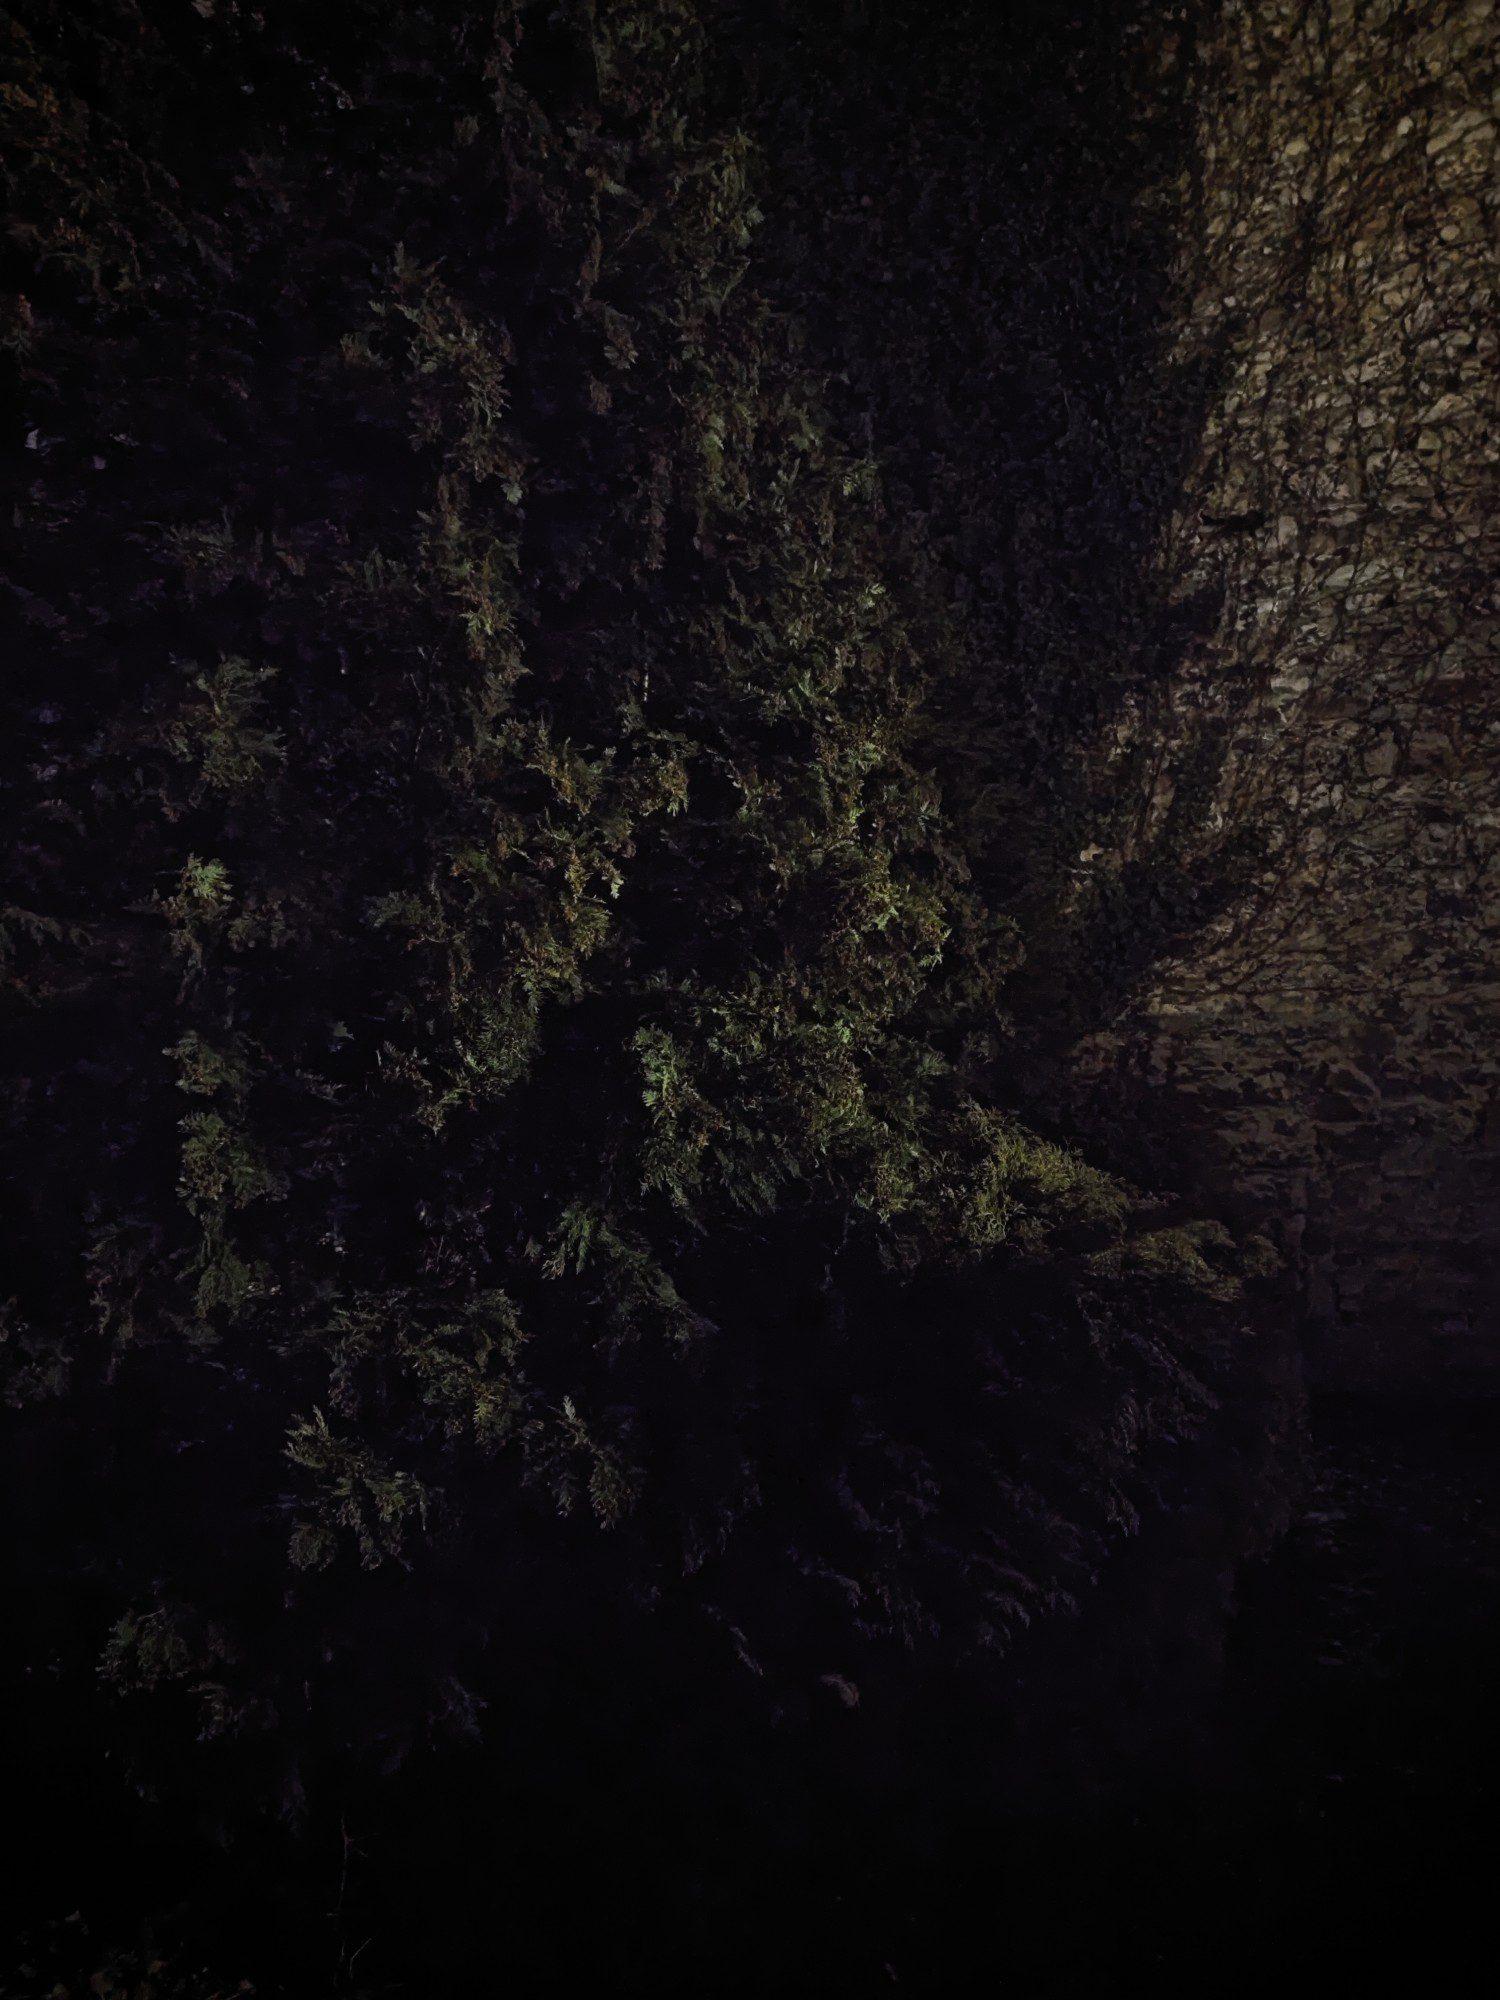 porównanie zdjęcie nocnce w trybie standardowym Mi 11